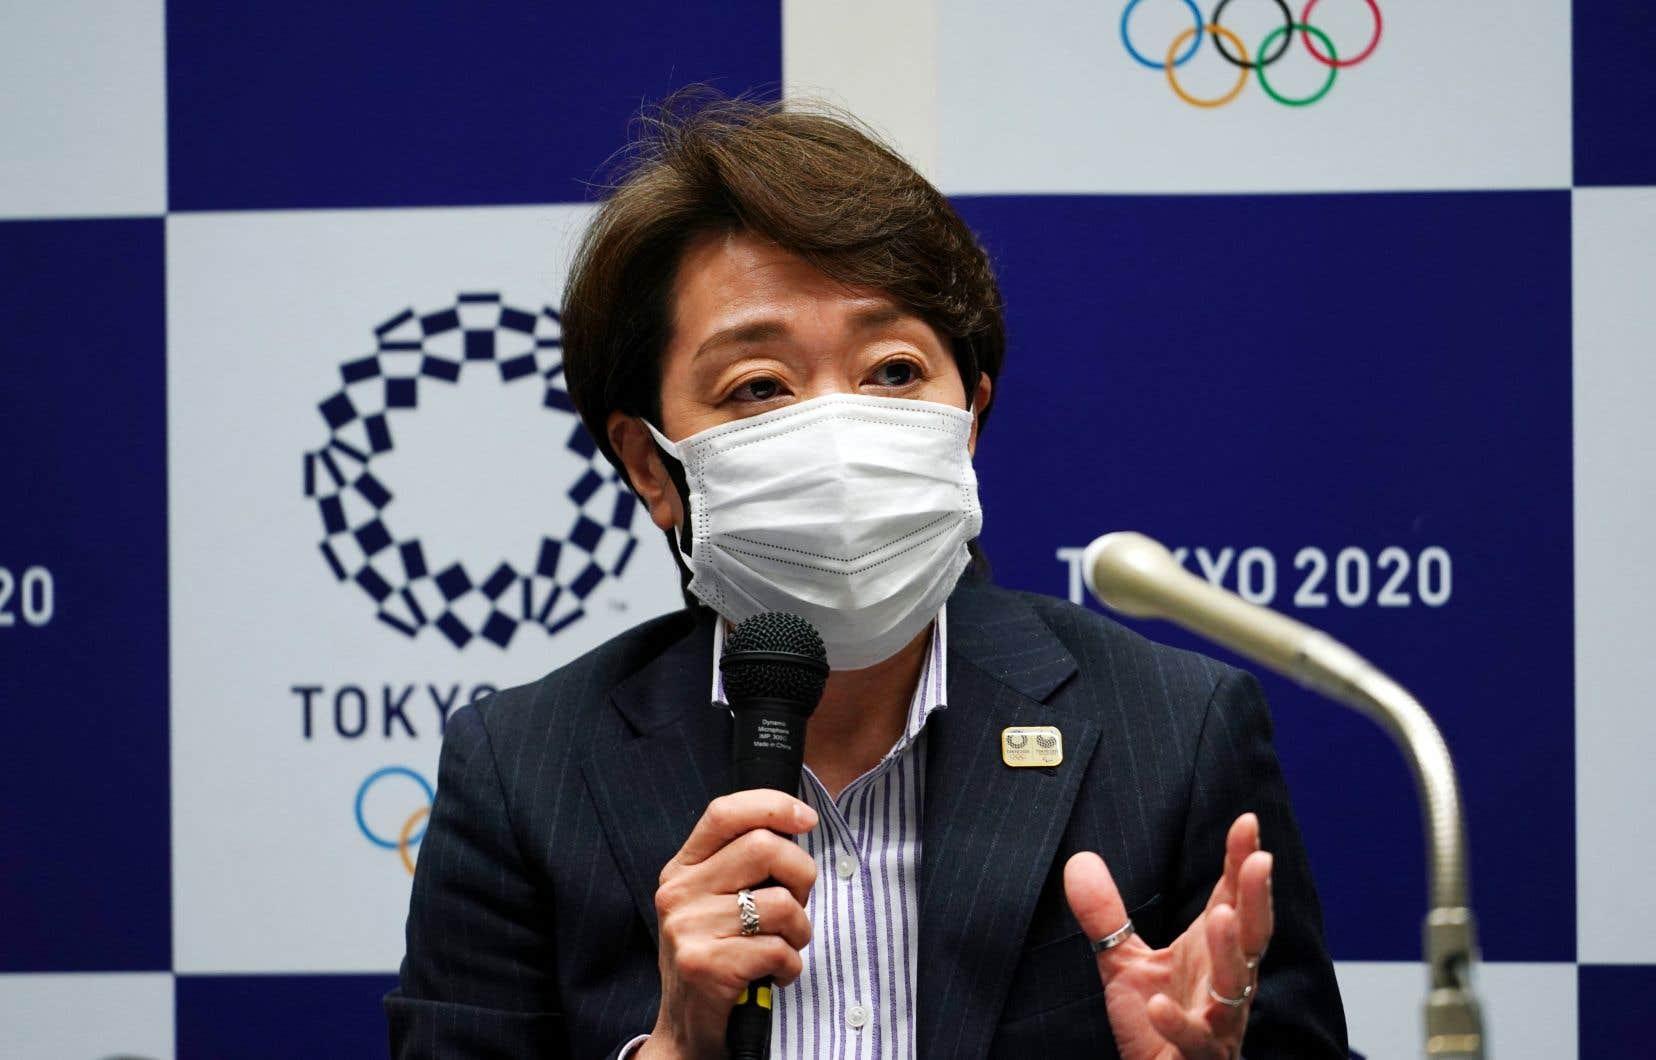 Malgré quelques appels pour la retarder, Hashimoto a promis une décision avant l'ouverture du relais de la flamme, jeudi, depuis la préfecture du nord-est de Fukushima.